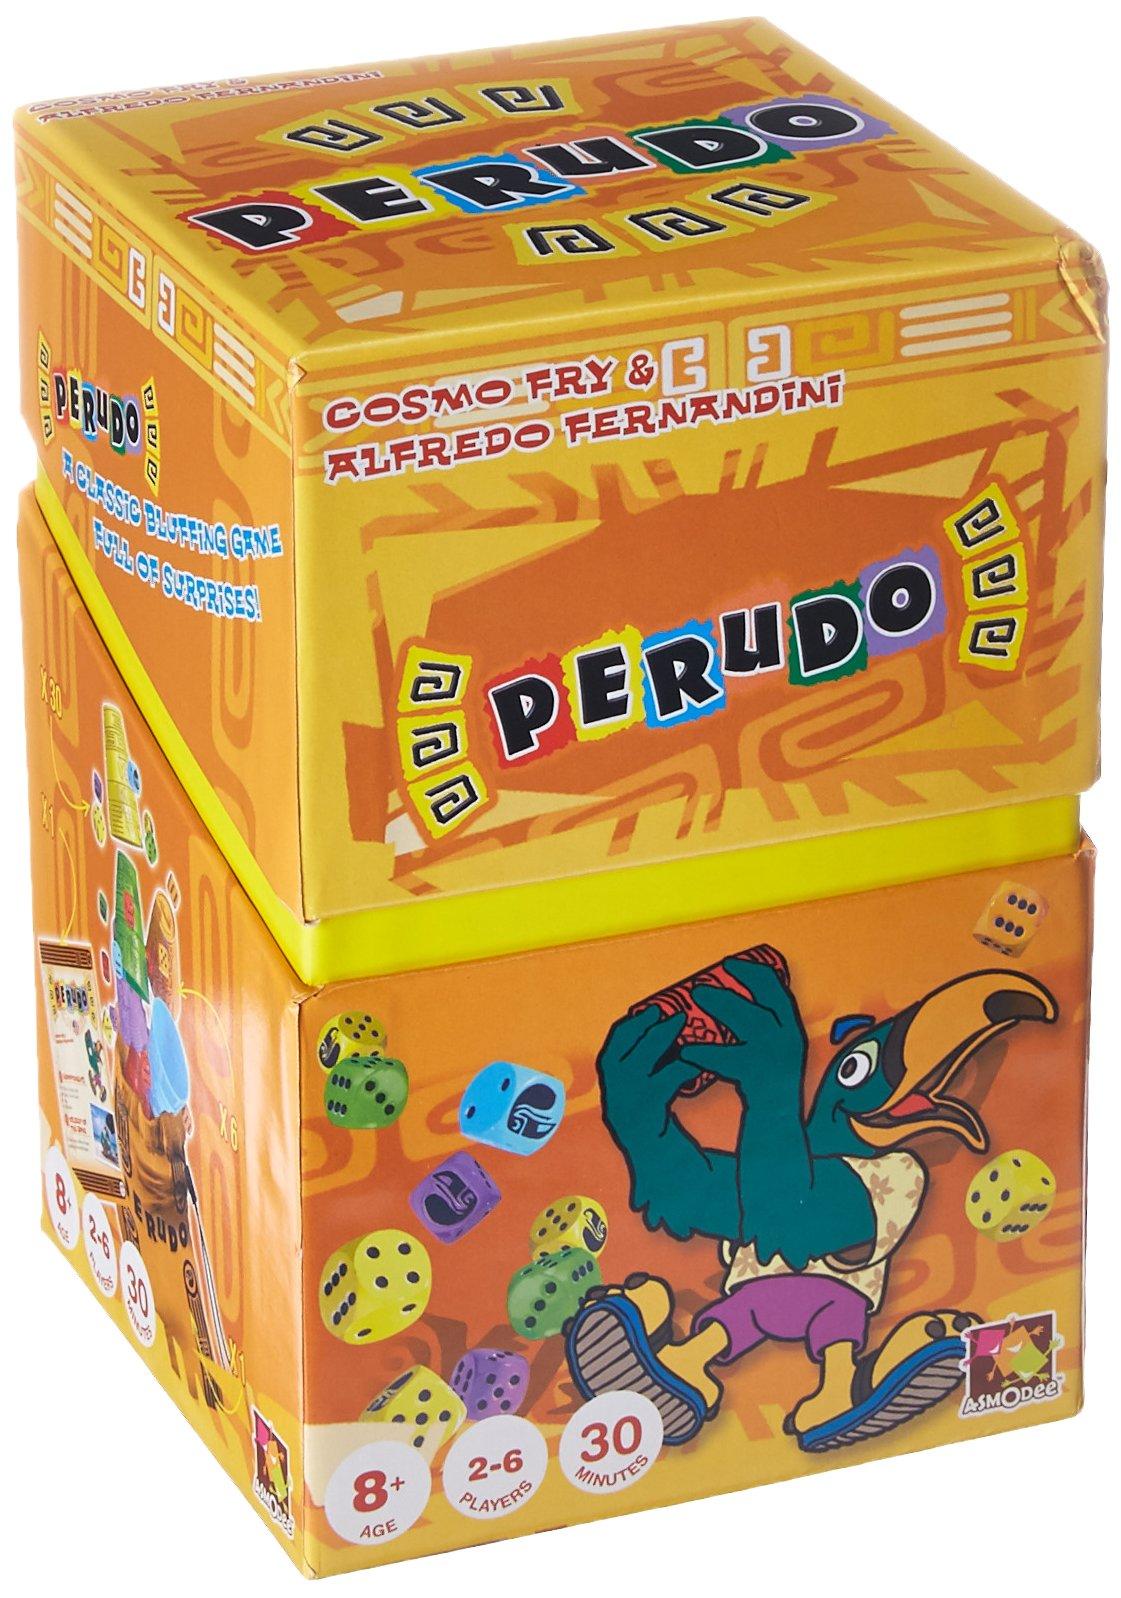 Perudo by Fantasy Flight Games